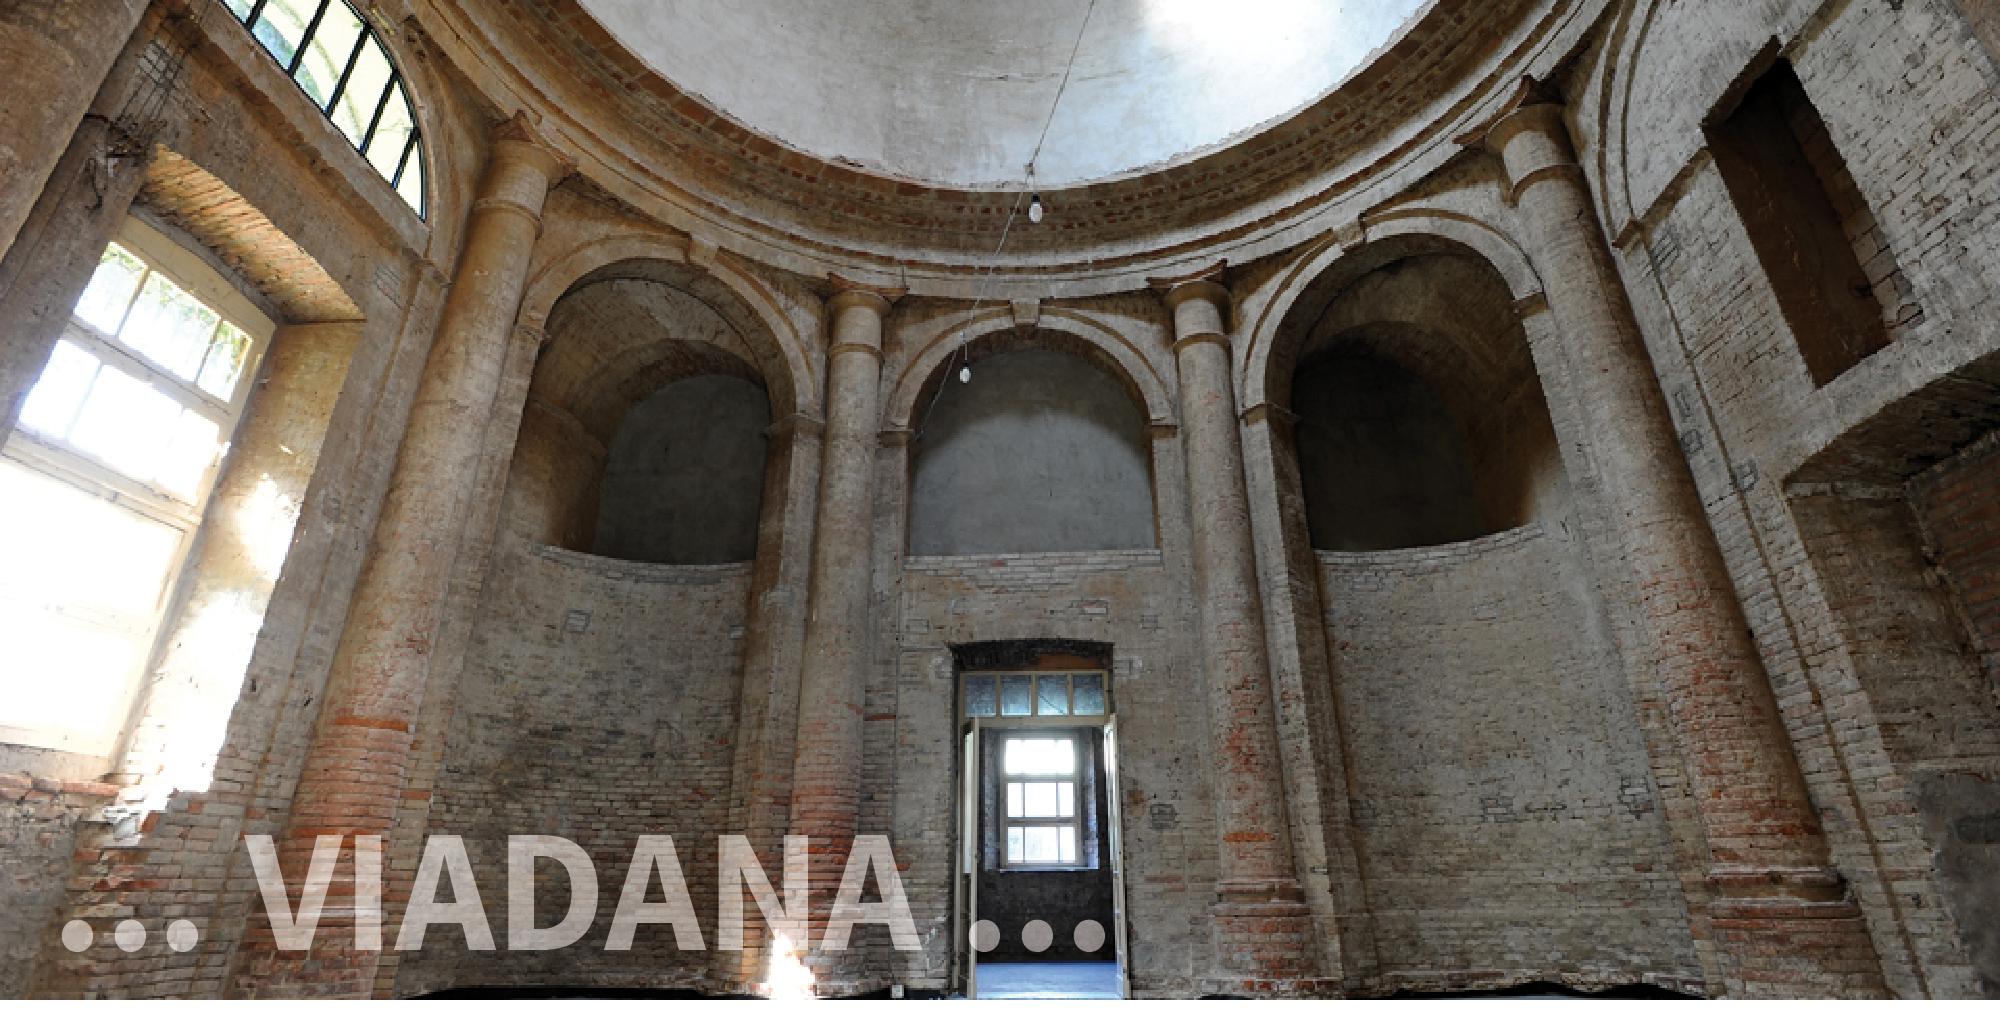 Viadana l'interno della sinagoga con particolare della cupola © Alberto Jona Falco